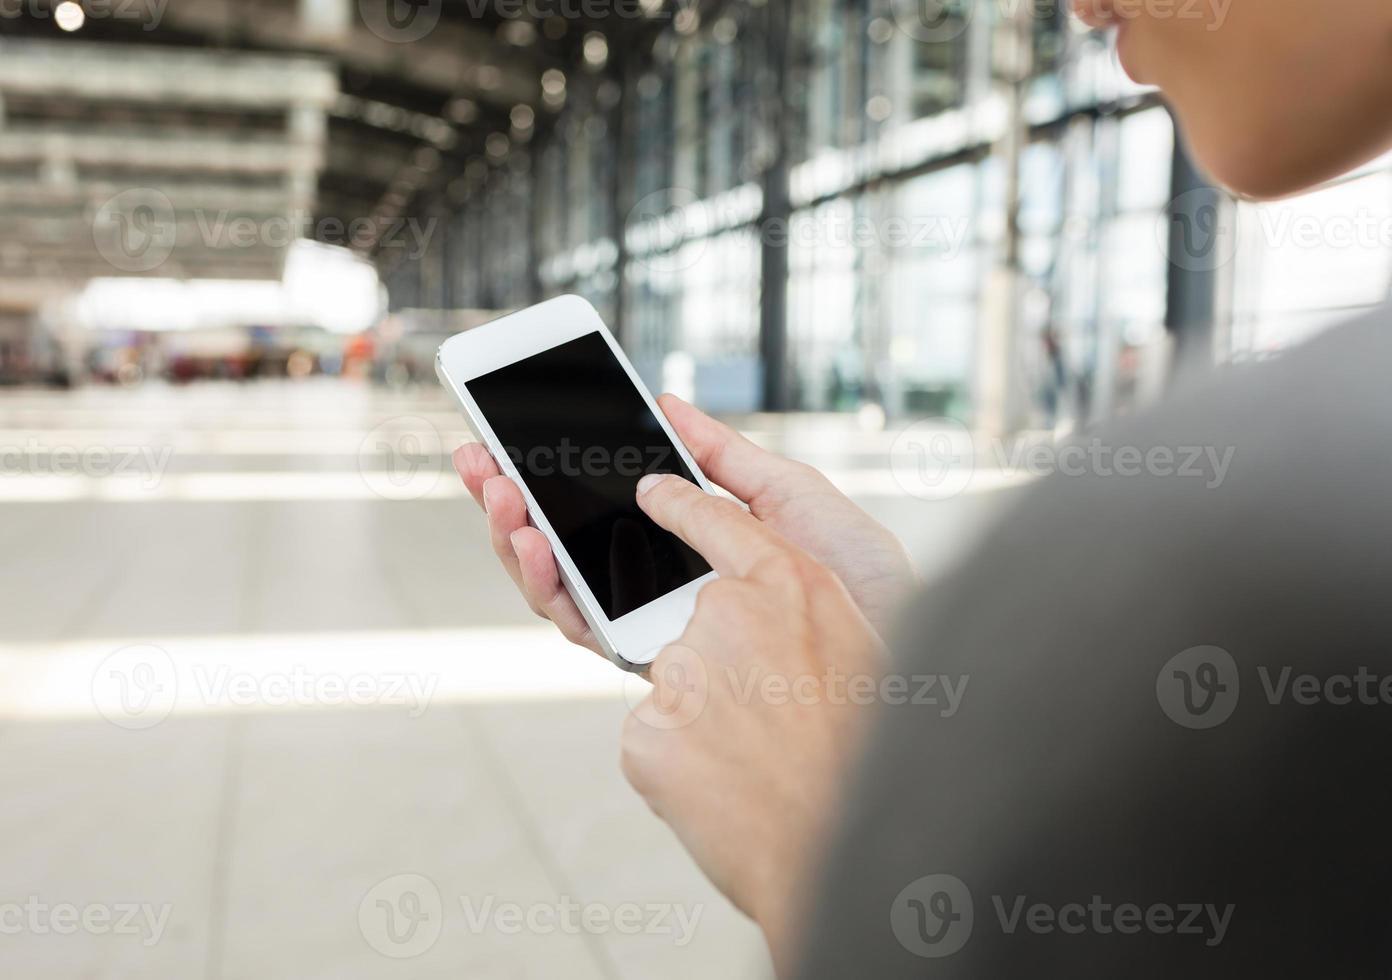 använda smarttelefon på flygplatsen. foto